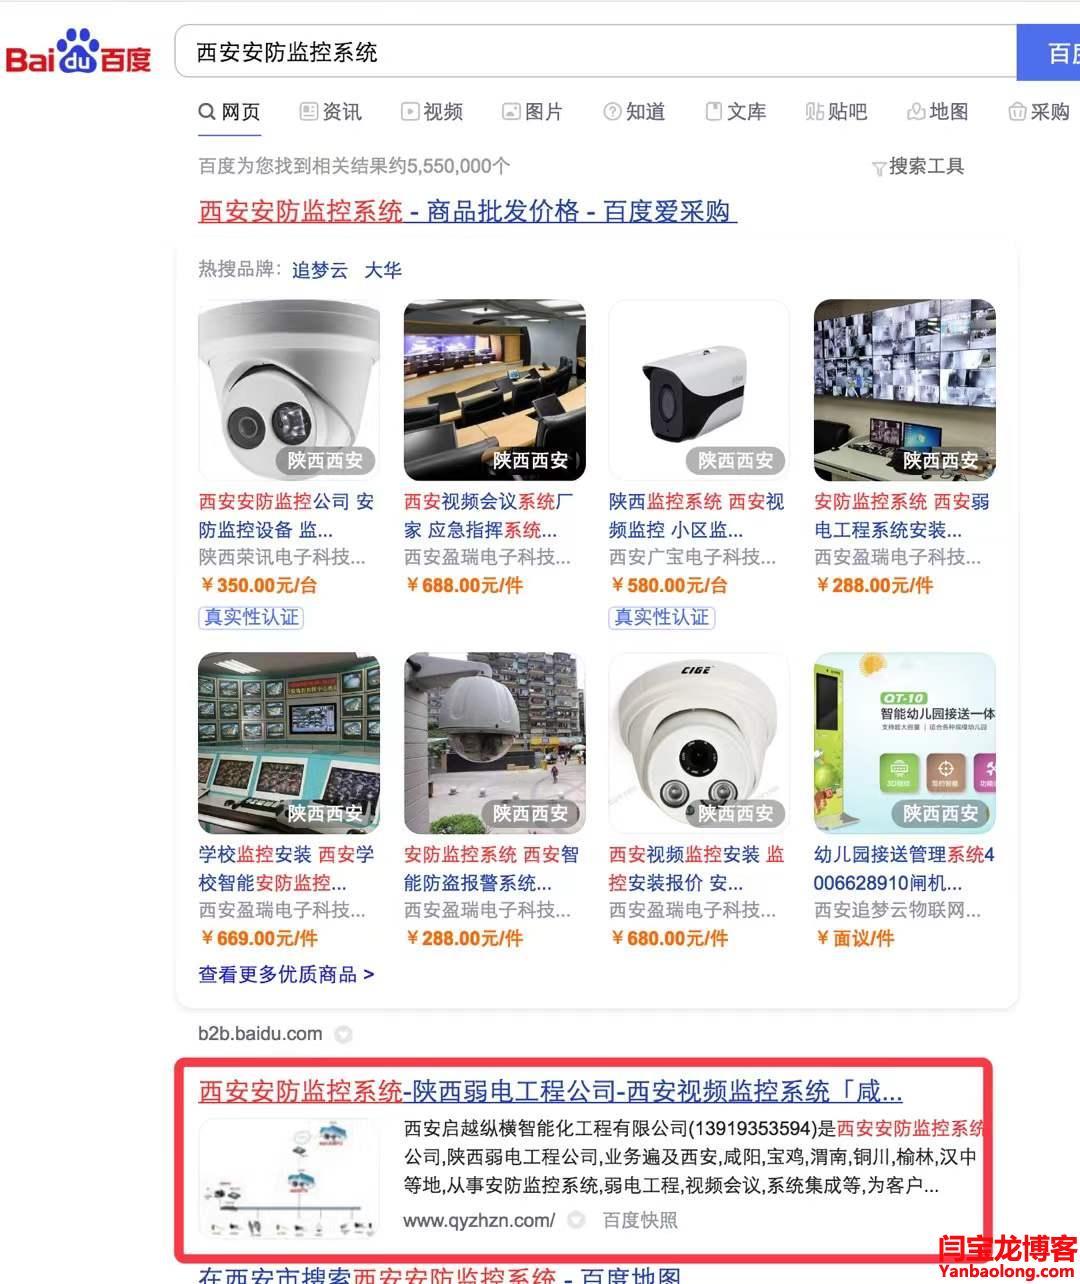 安防监控系统公司seo独立站优化效果不错陕西地区全覆盖